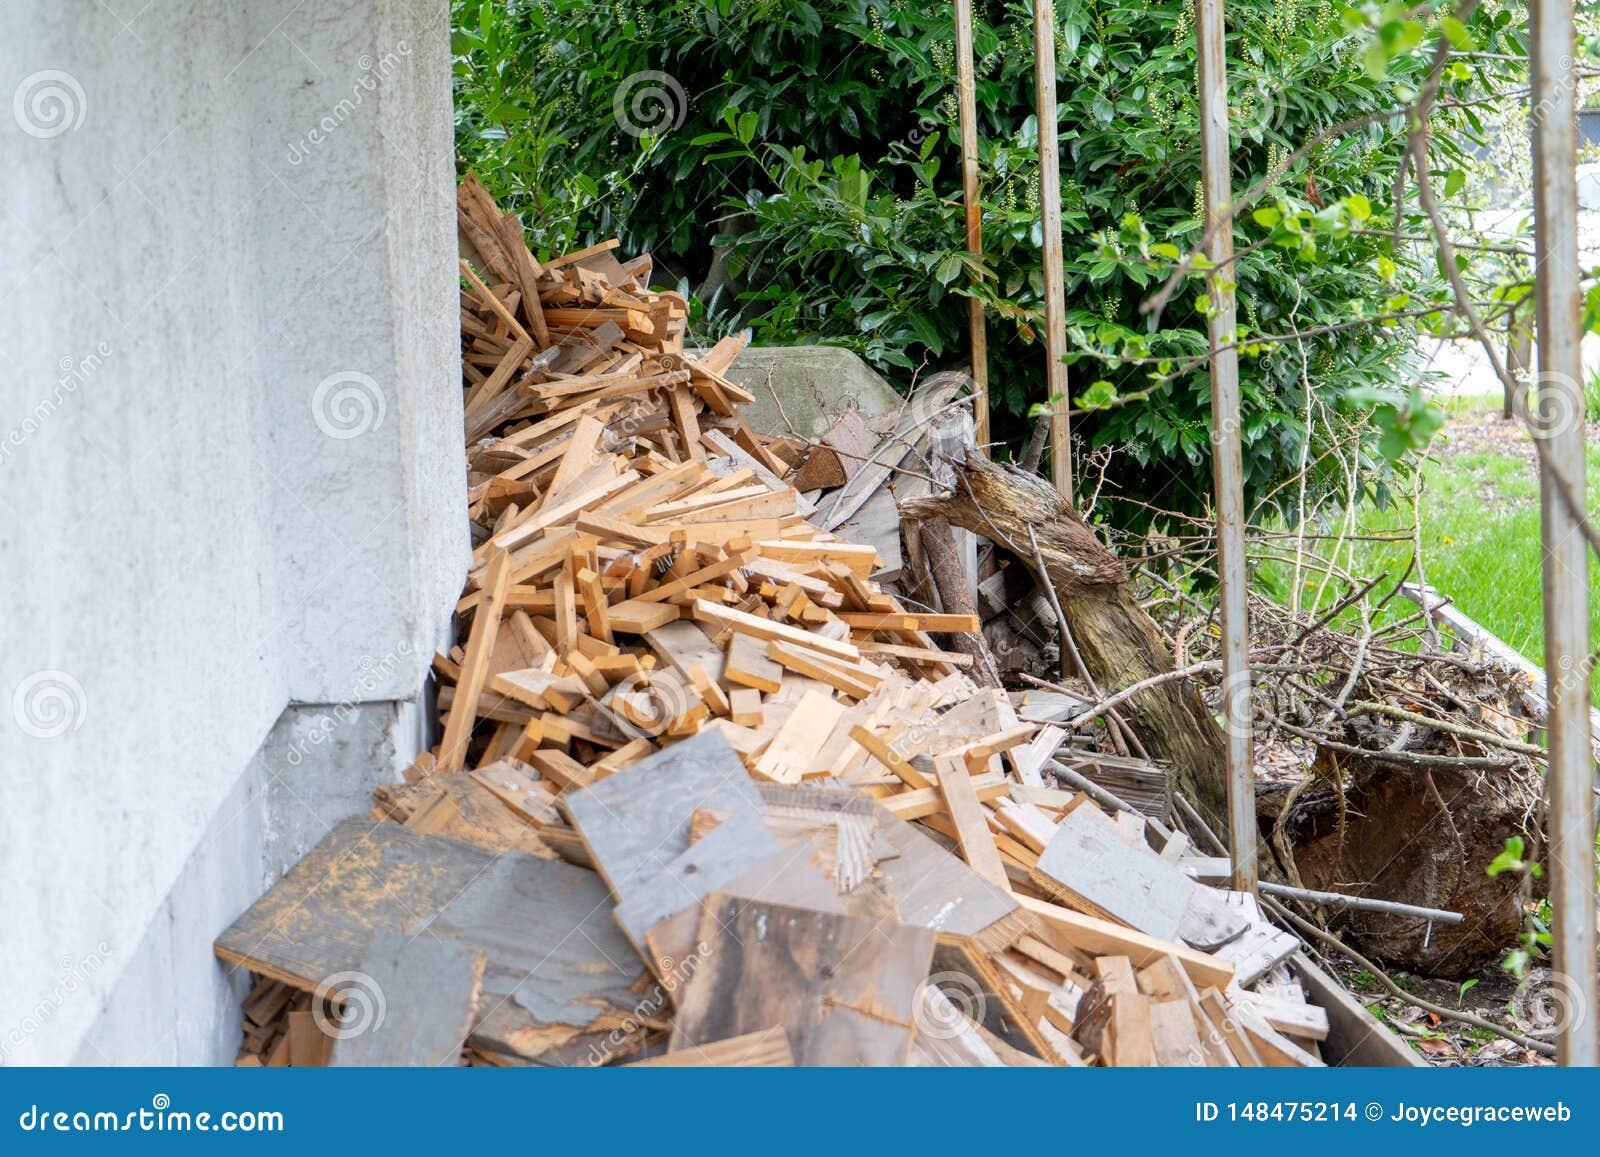 Куча деревянных утилей отрезала вверх, или подготавливает быть повторно использованным и повторно использованный, или в противном